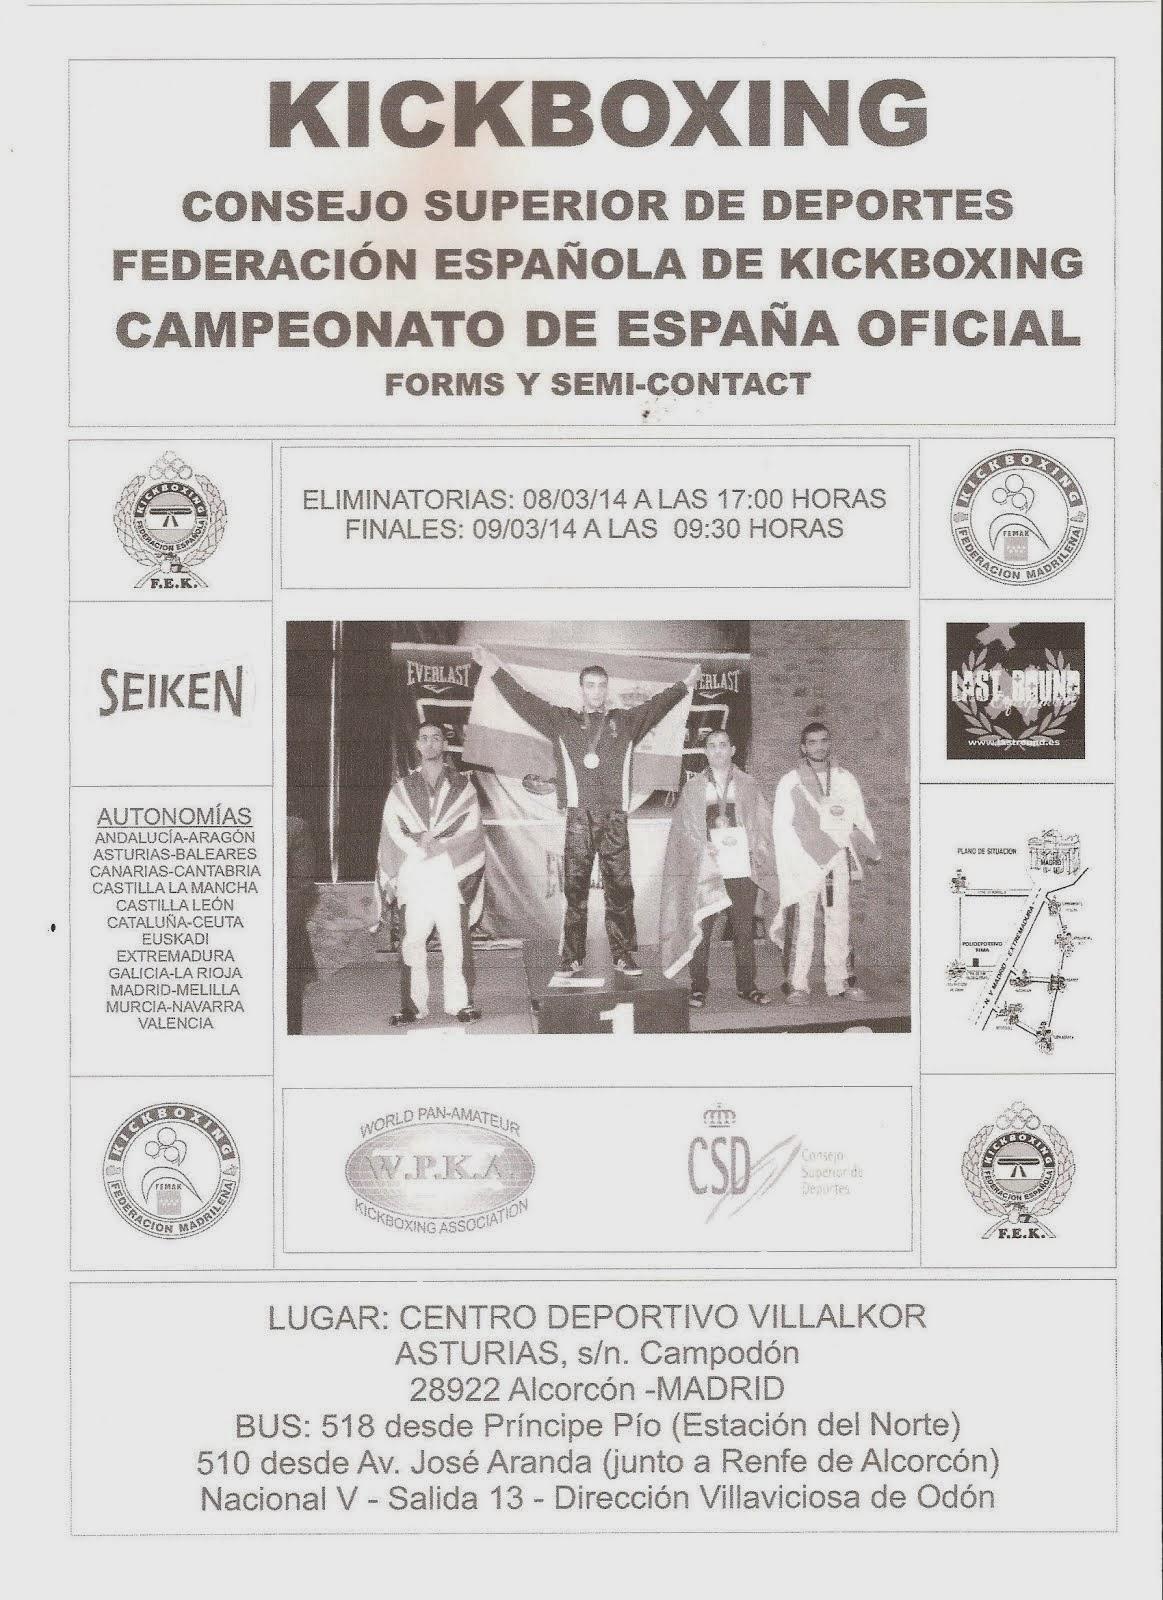 CAMPEONATO DE ESPAÑA KICK BOXING (FORMAS Y SEMI CONTACT)